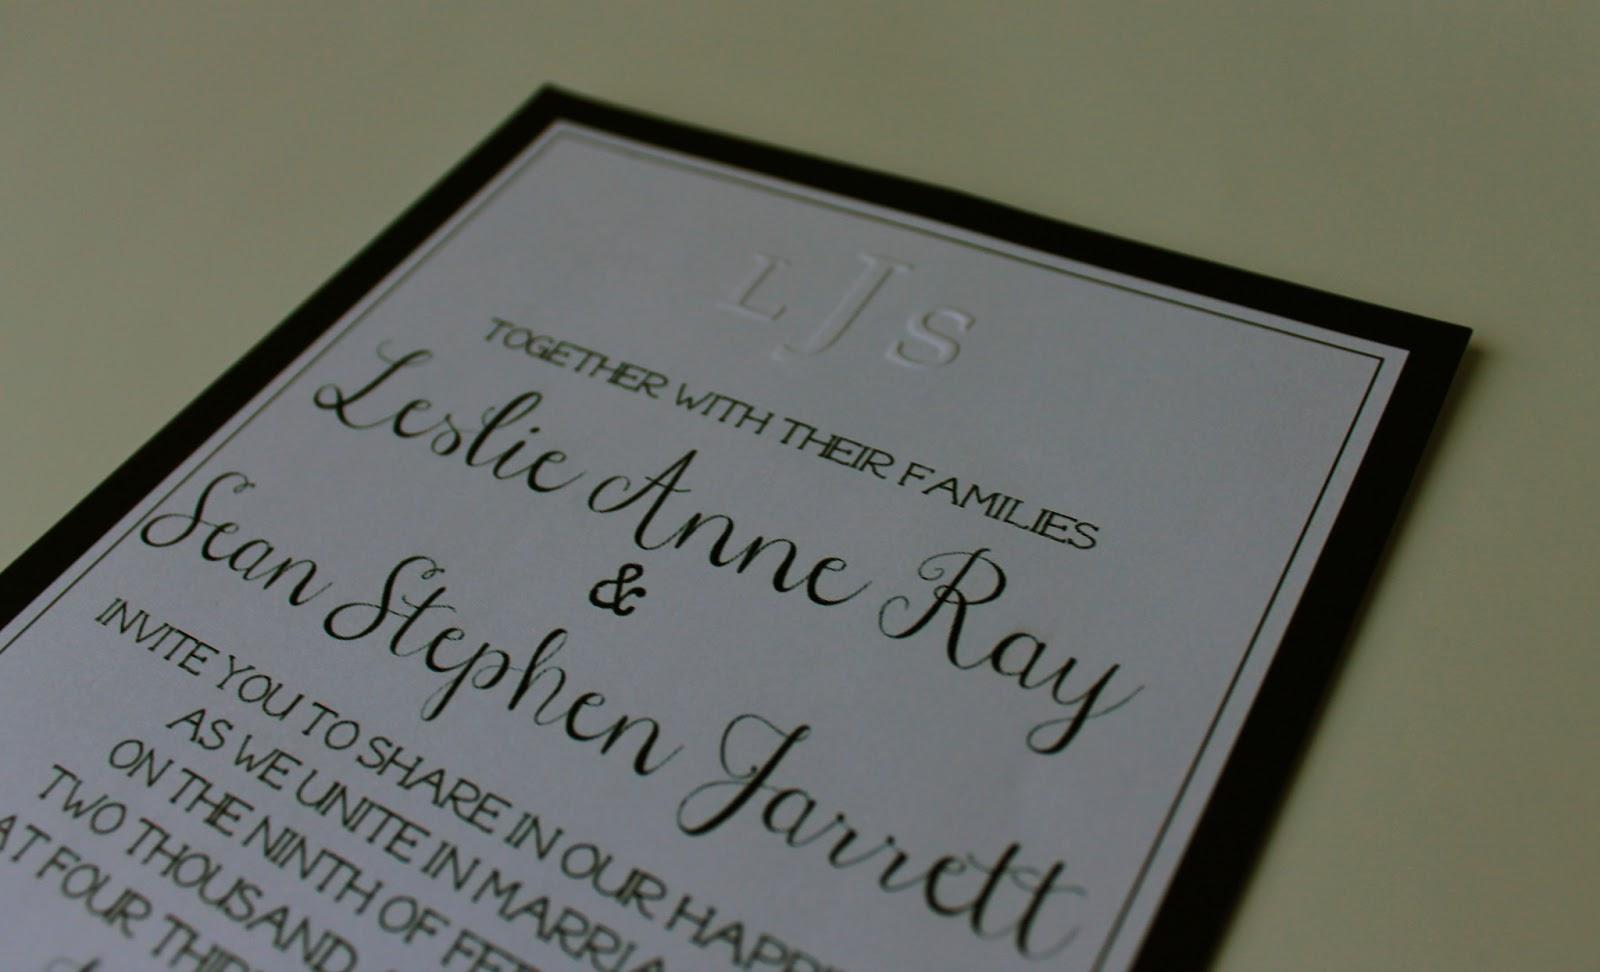 Wonderfully made diy wedding invitations diy wedding invitations monicamarmolfo Gallery